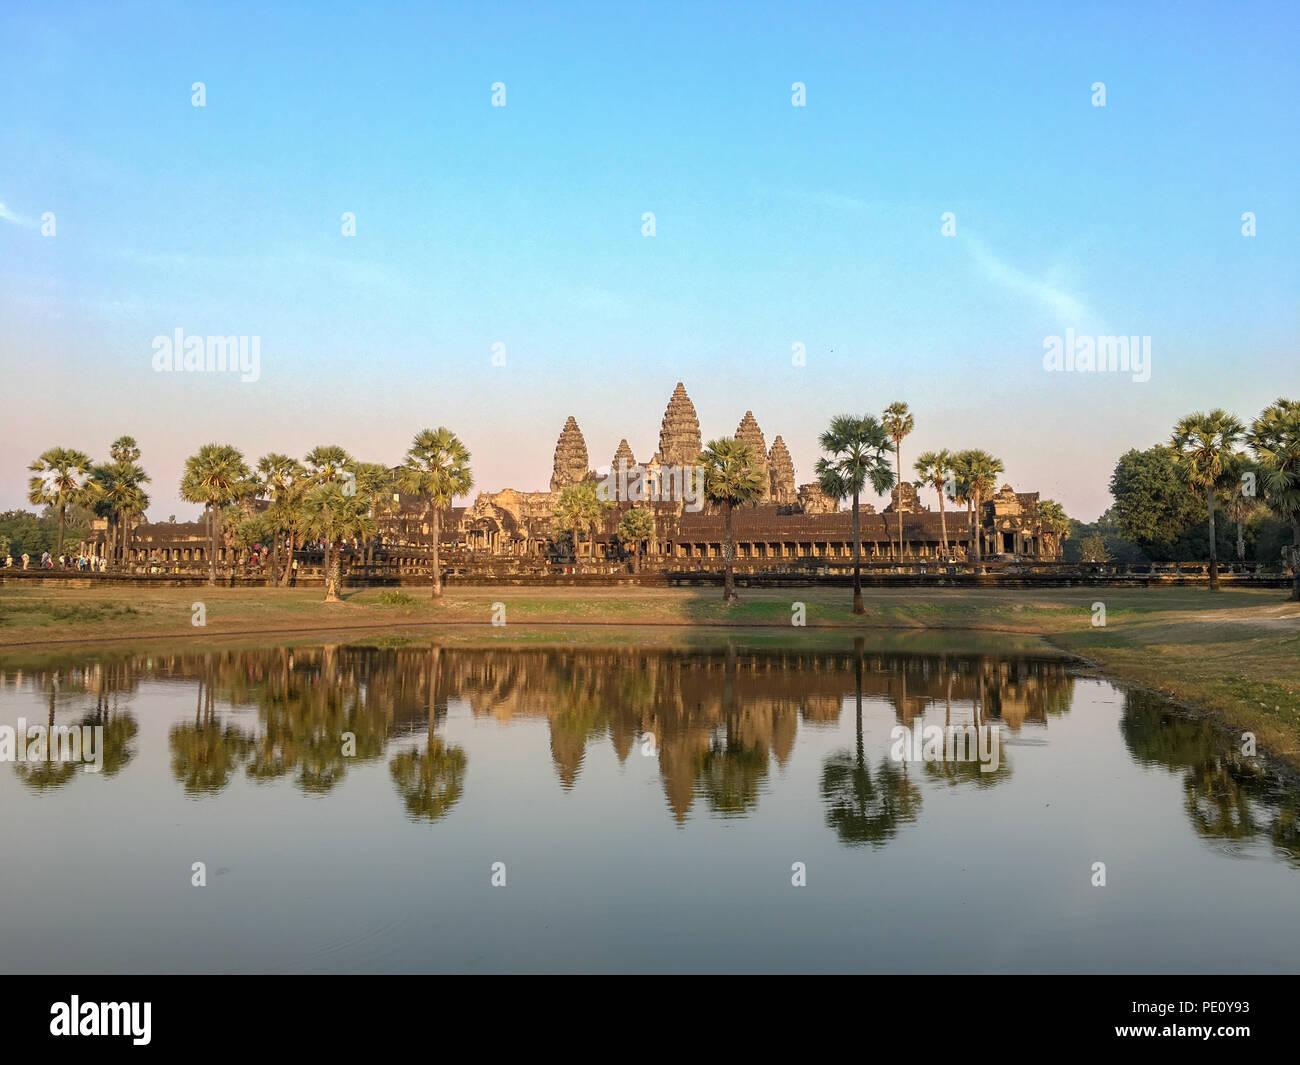 Angkor Wat, Khmer Architektur und das Welterbe in Siem Reap Kambodscha mit Wasser spiegeln bei Sonnenuntergang Stockbild